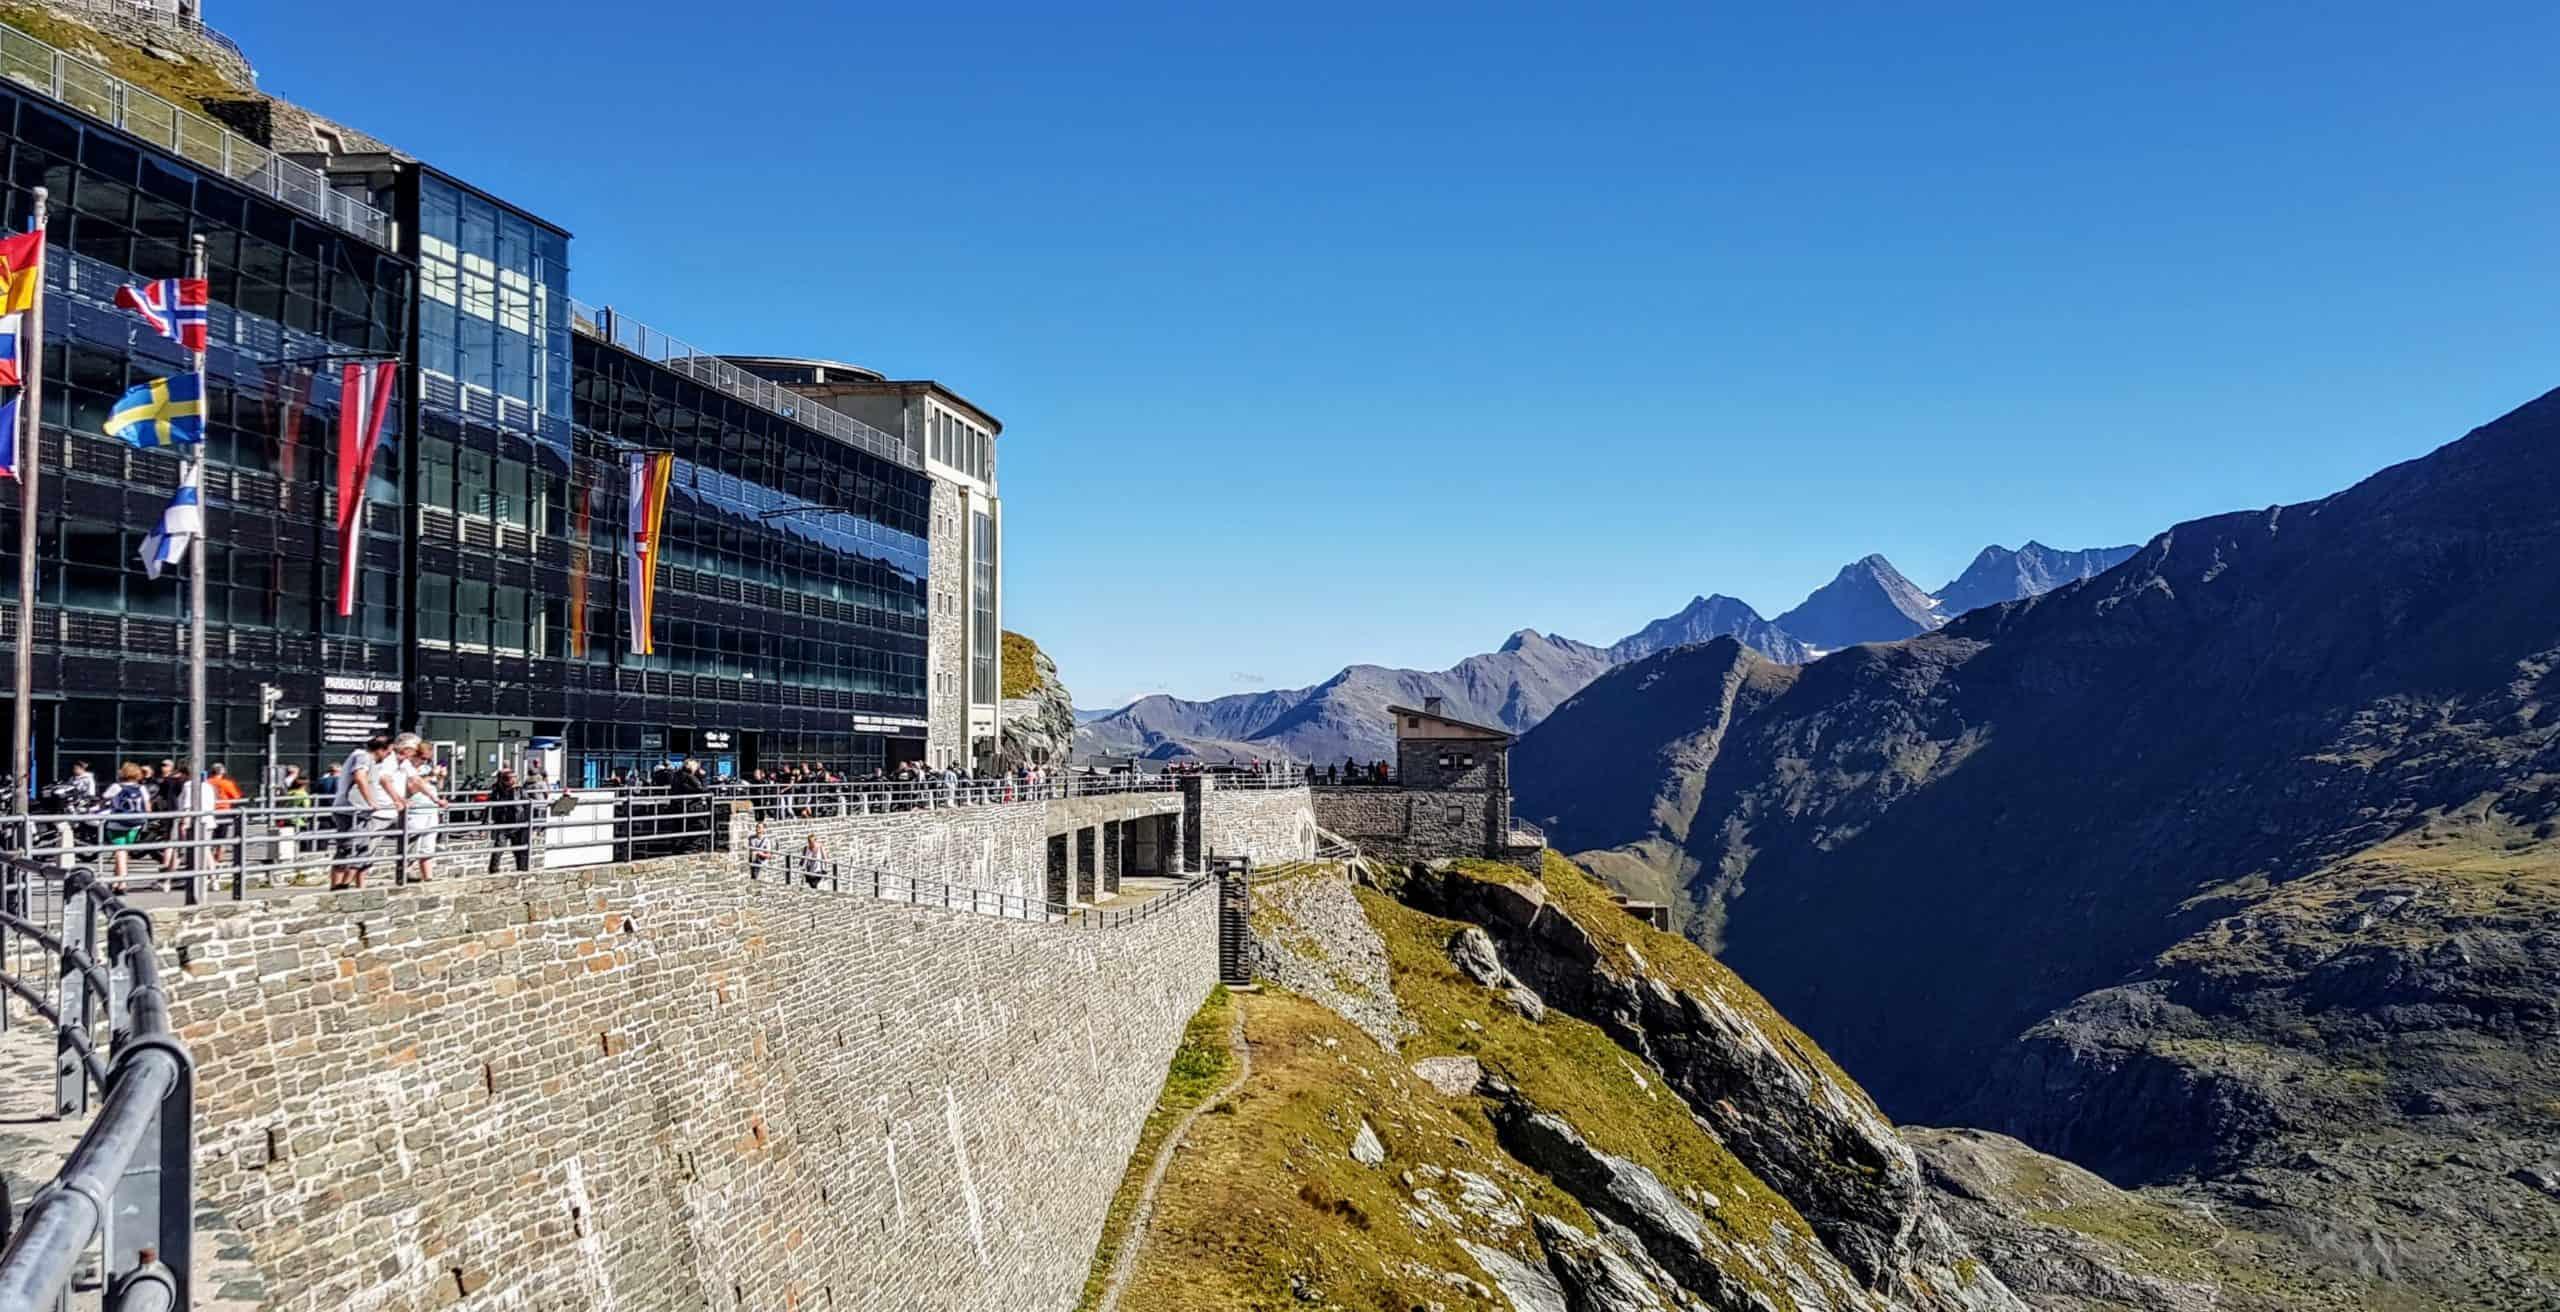 Parkhaus und Besucherzentrum Kaiser Franz Josefs Höhe bei Großglockner in Kärnten - Ausflugsziel in Österreich